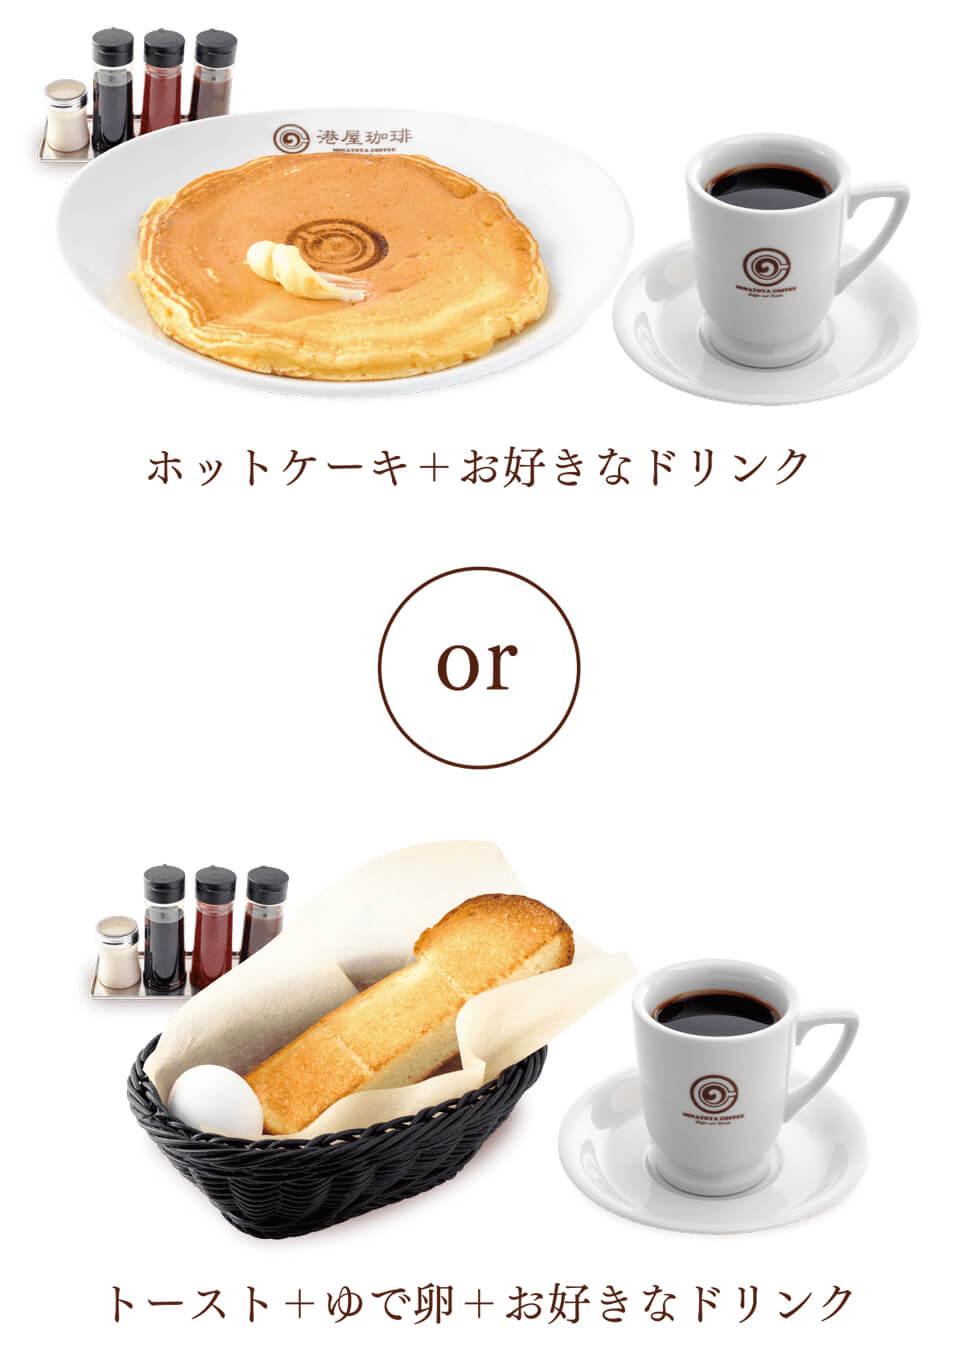 ホットケーキ+お好きなドリンク、トースト+ゆで卵+お好きなドリンク スマホ